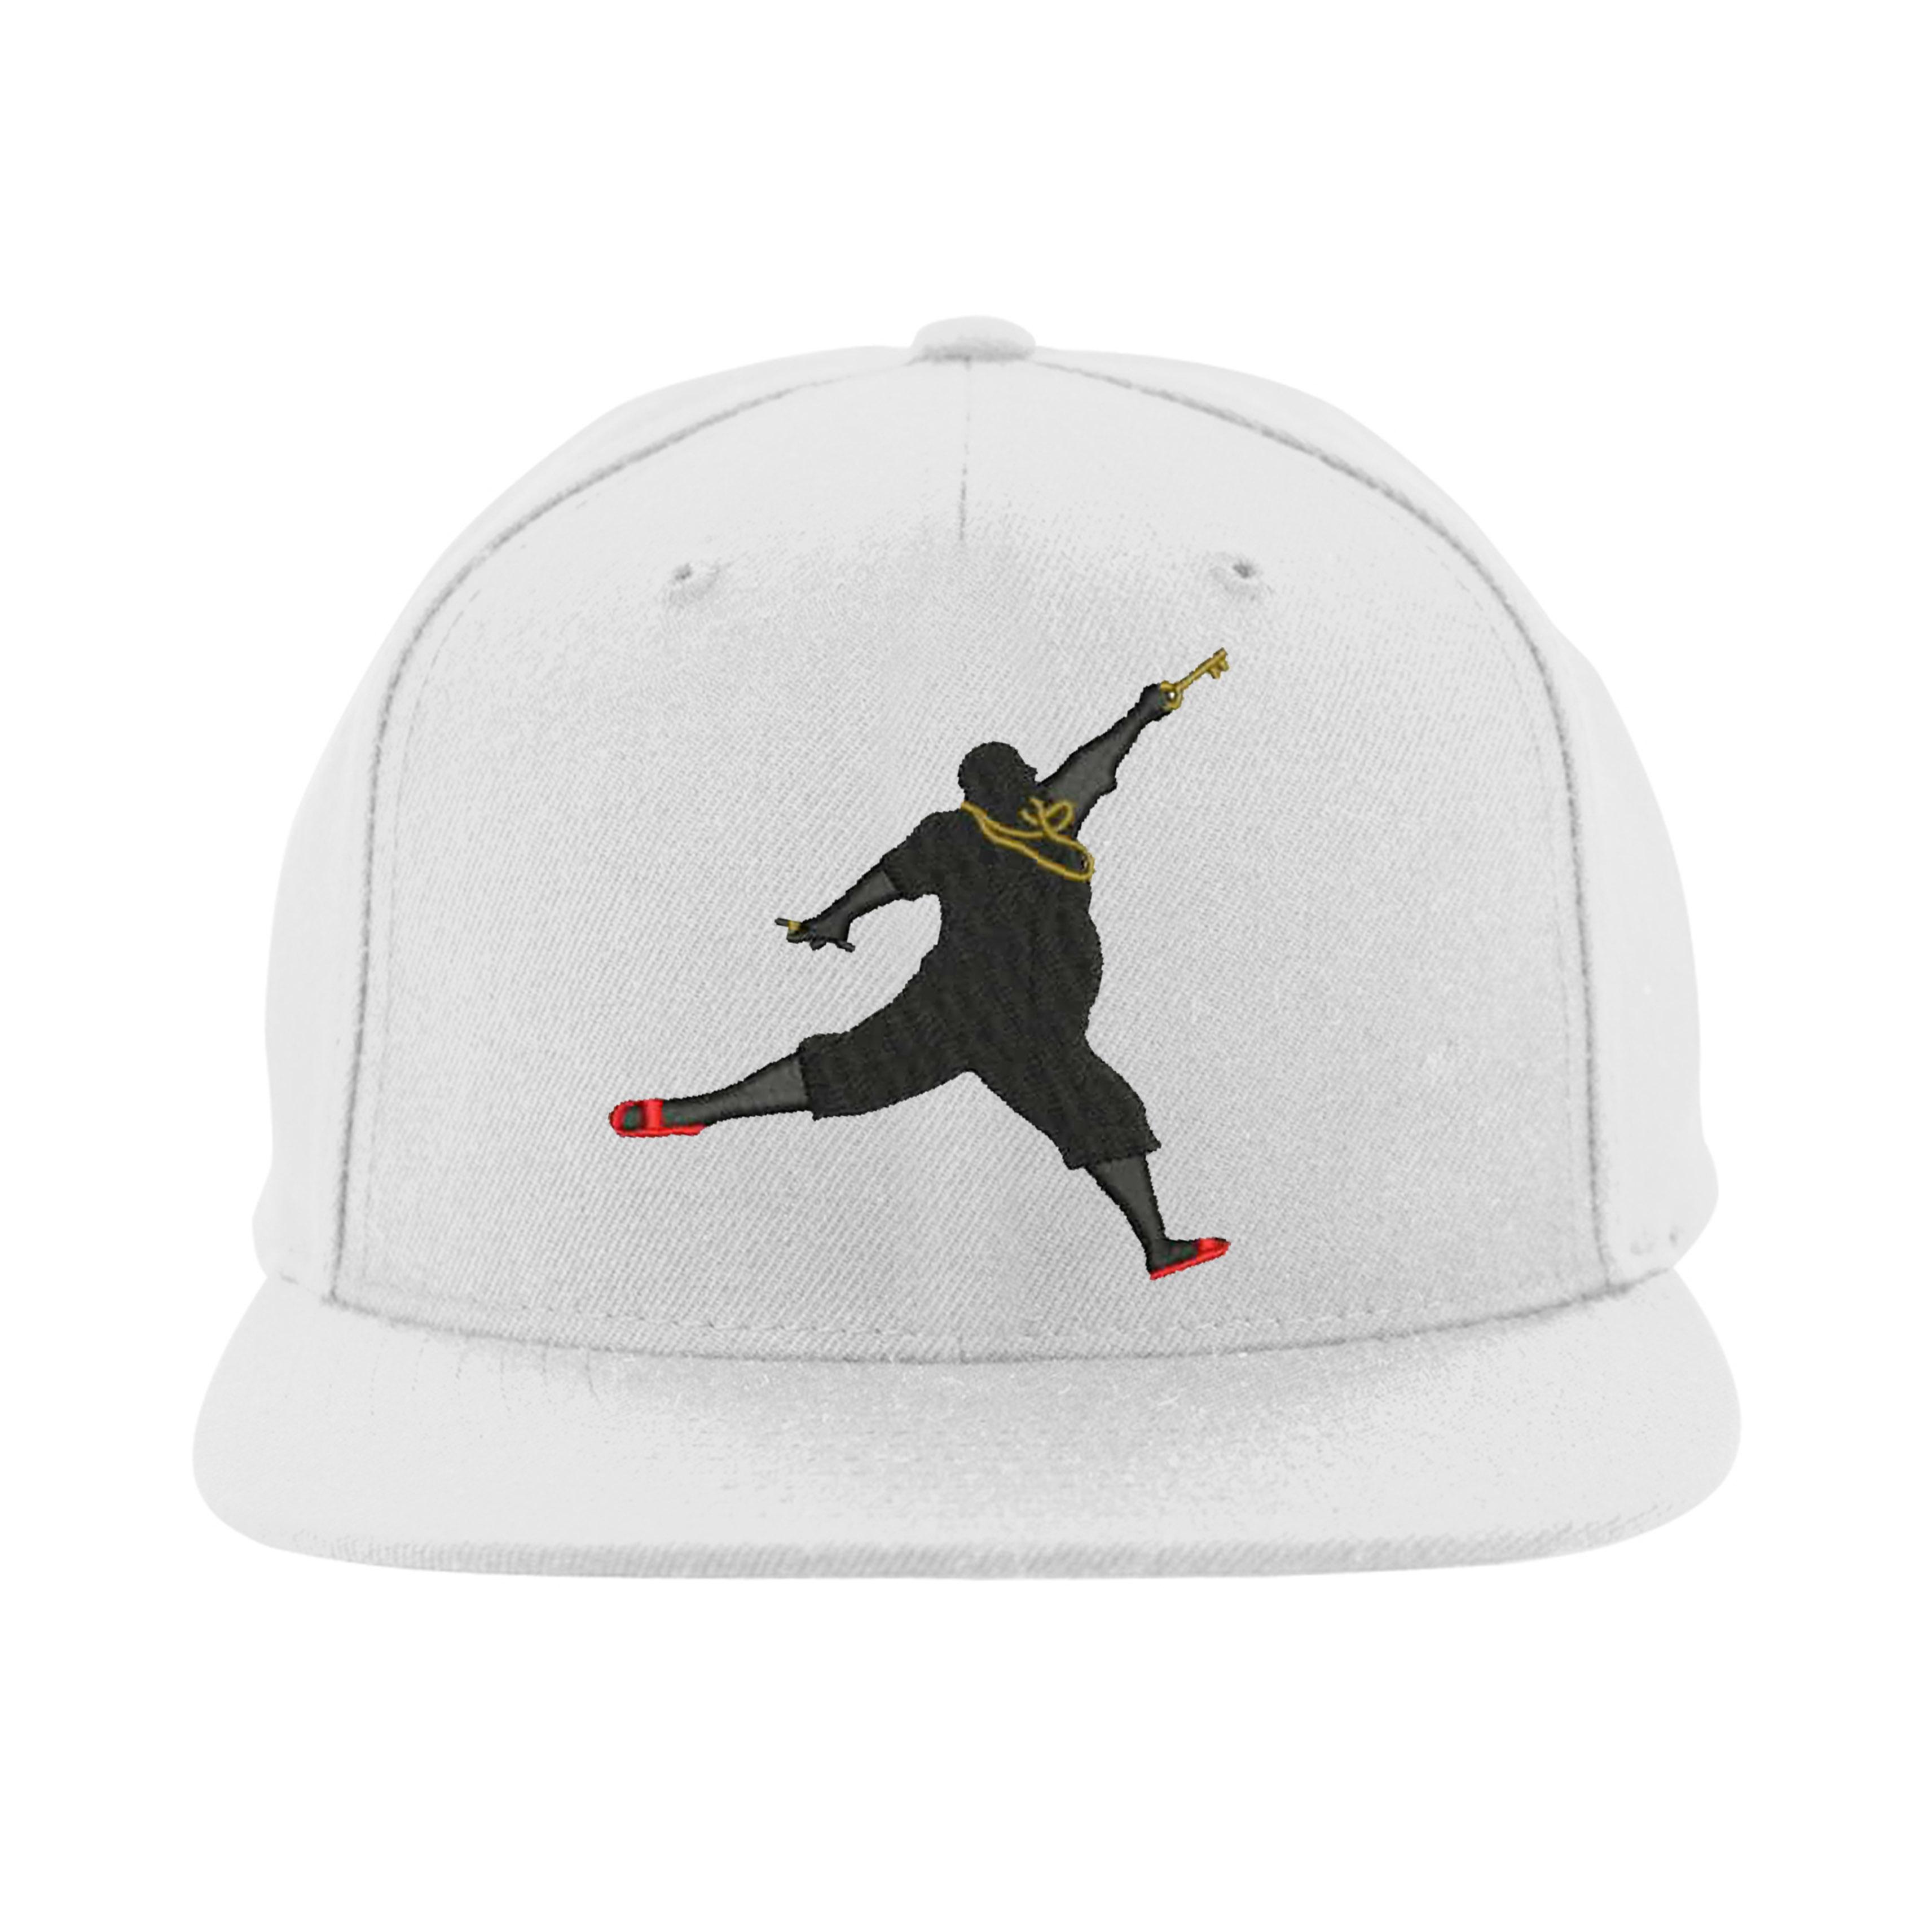 6bb07b09163 ... shopping air jordan hats nz history 2b56c cd552